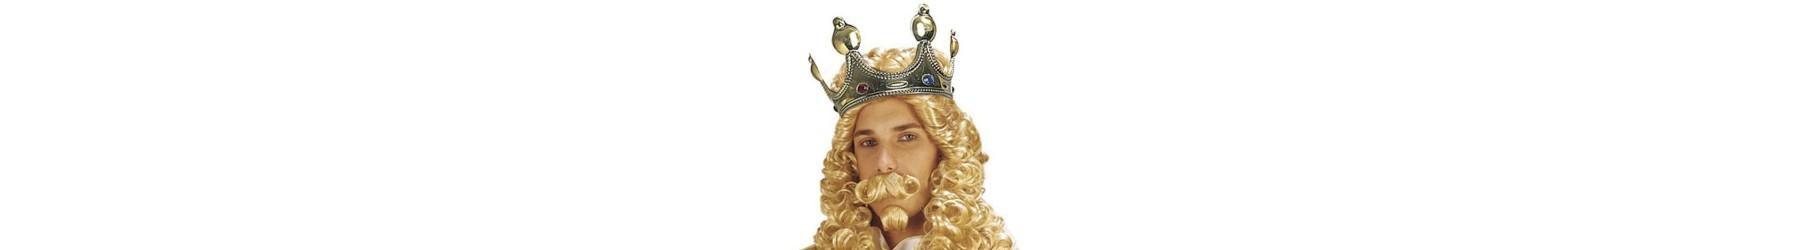 Αποκριάτικες Τιάρες, Ραβδιά, Στέμματα για Βασίλισσες και Πριγκίπισσες